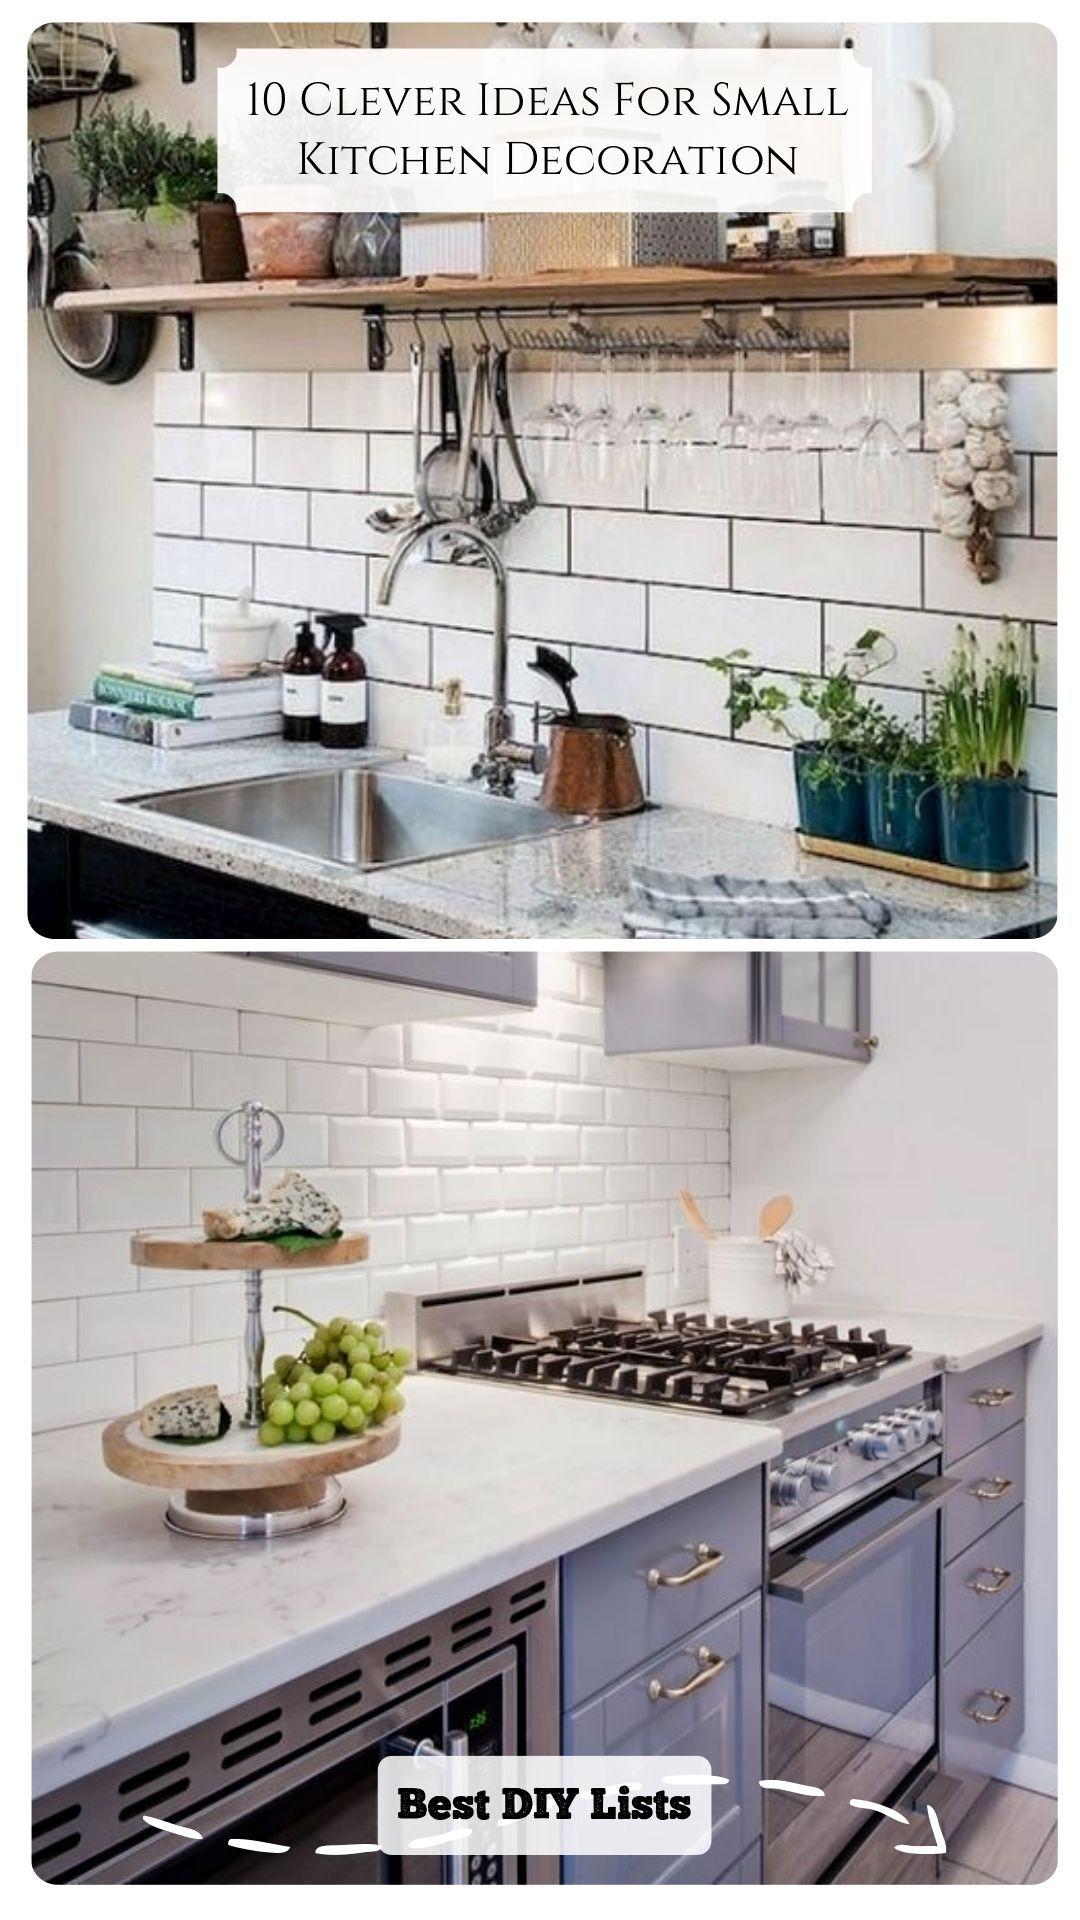 Best Kitchen Decor Photos